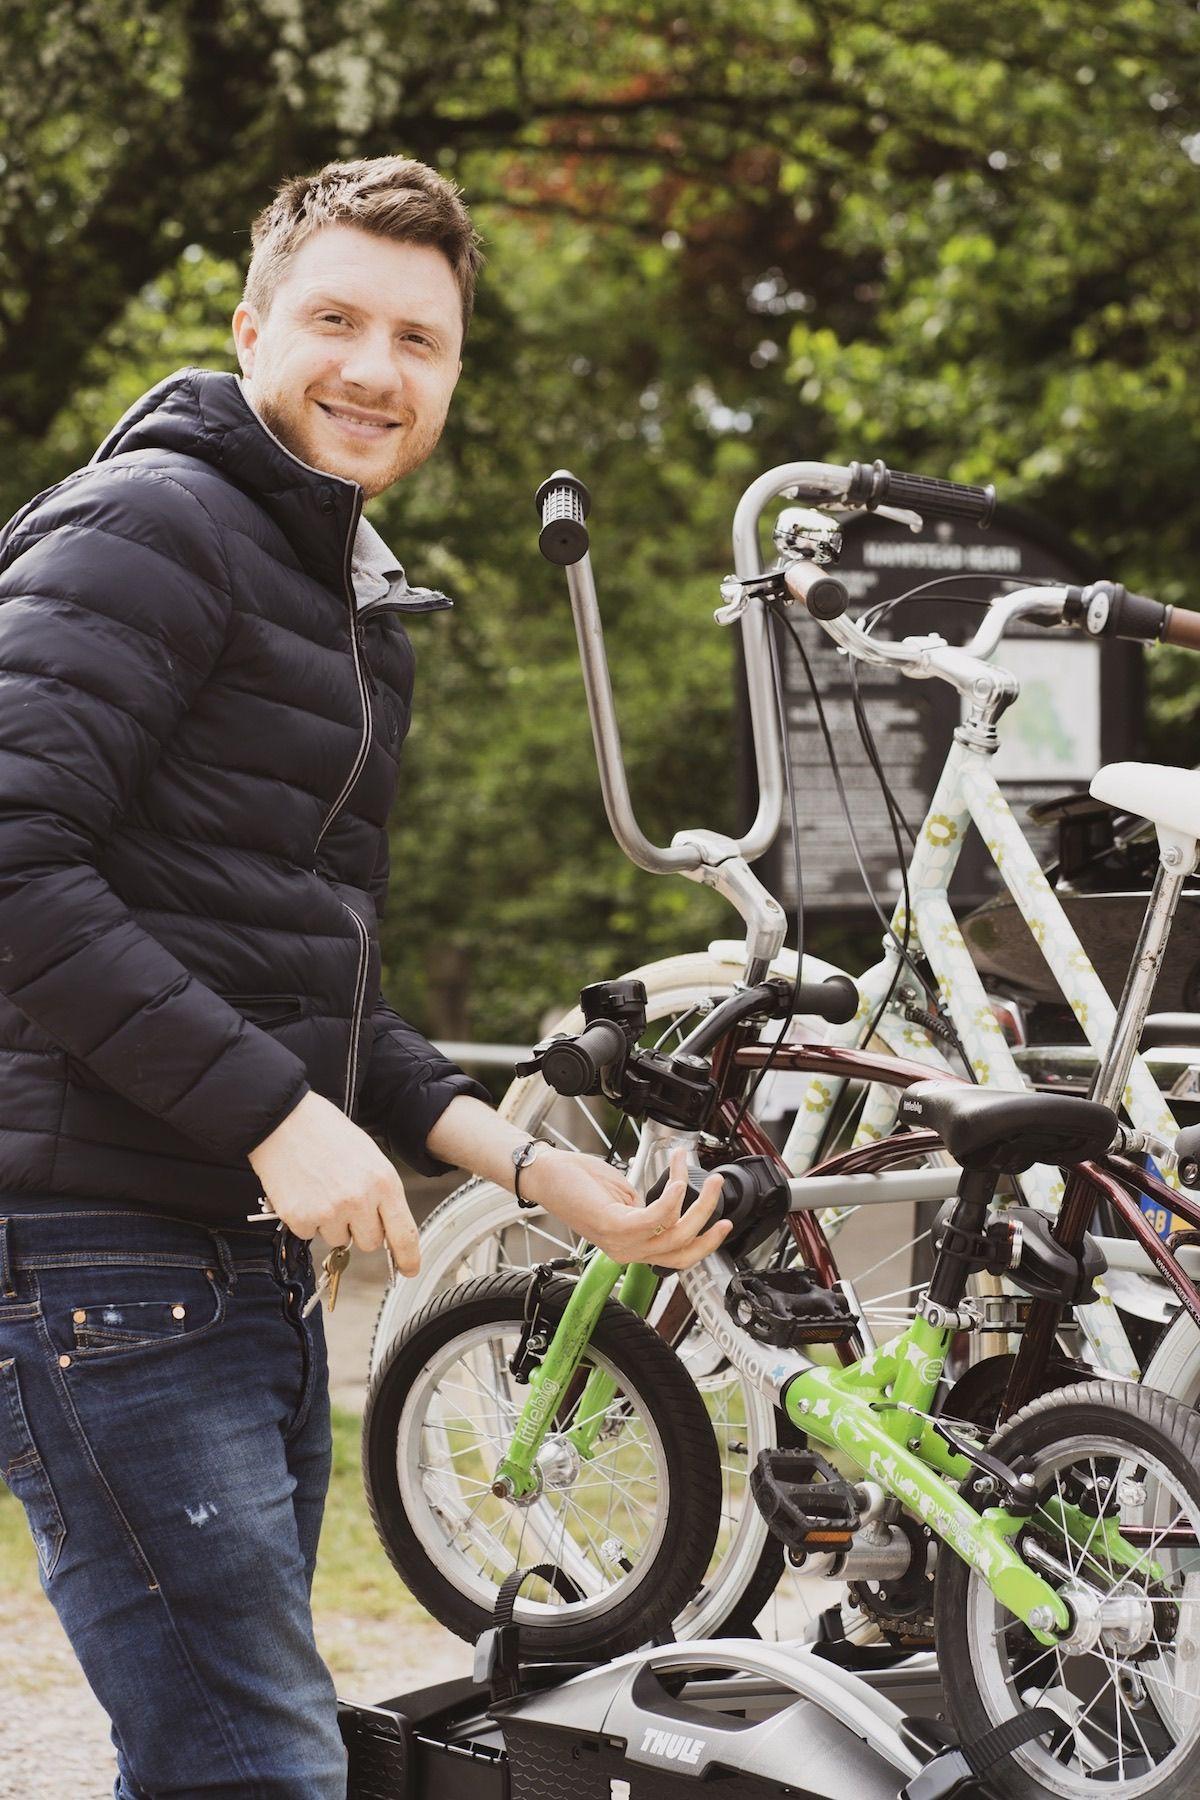 thule-bike-rack-007.jpeg